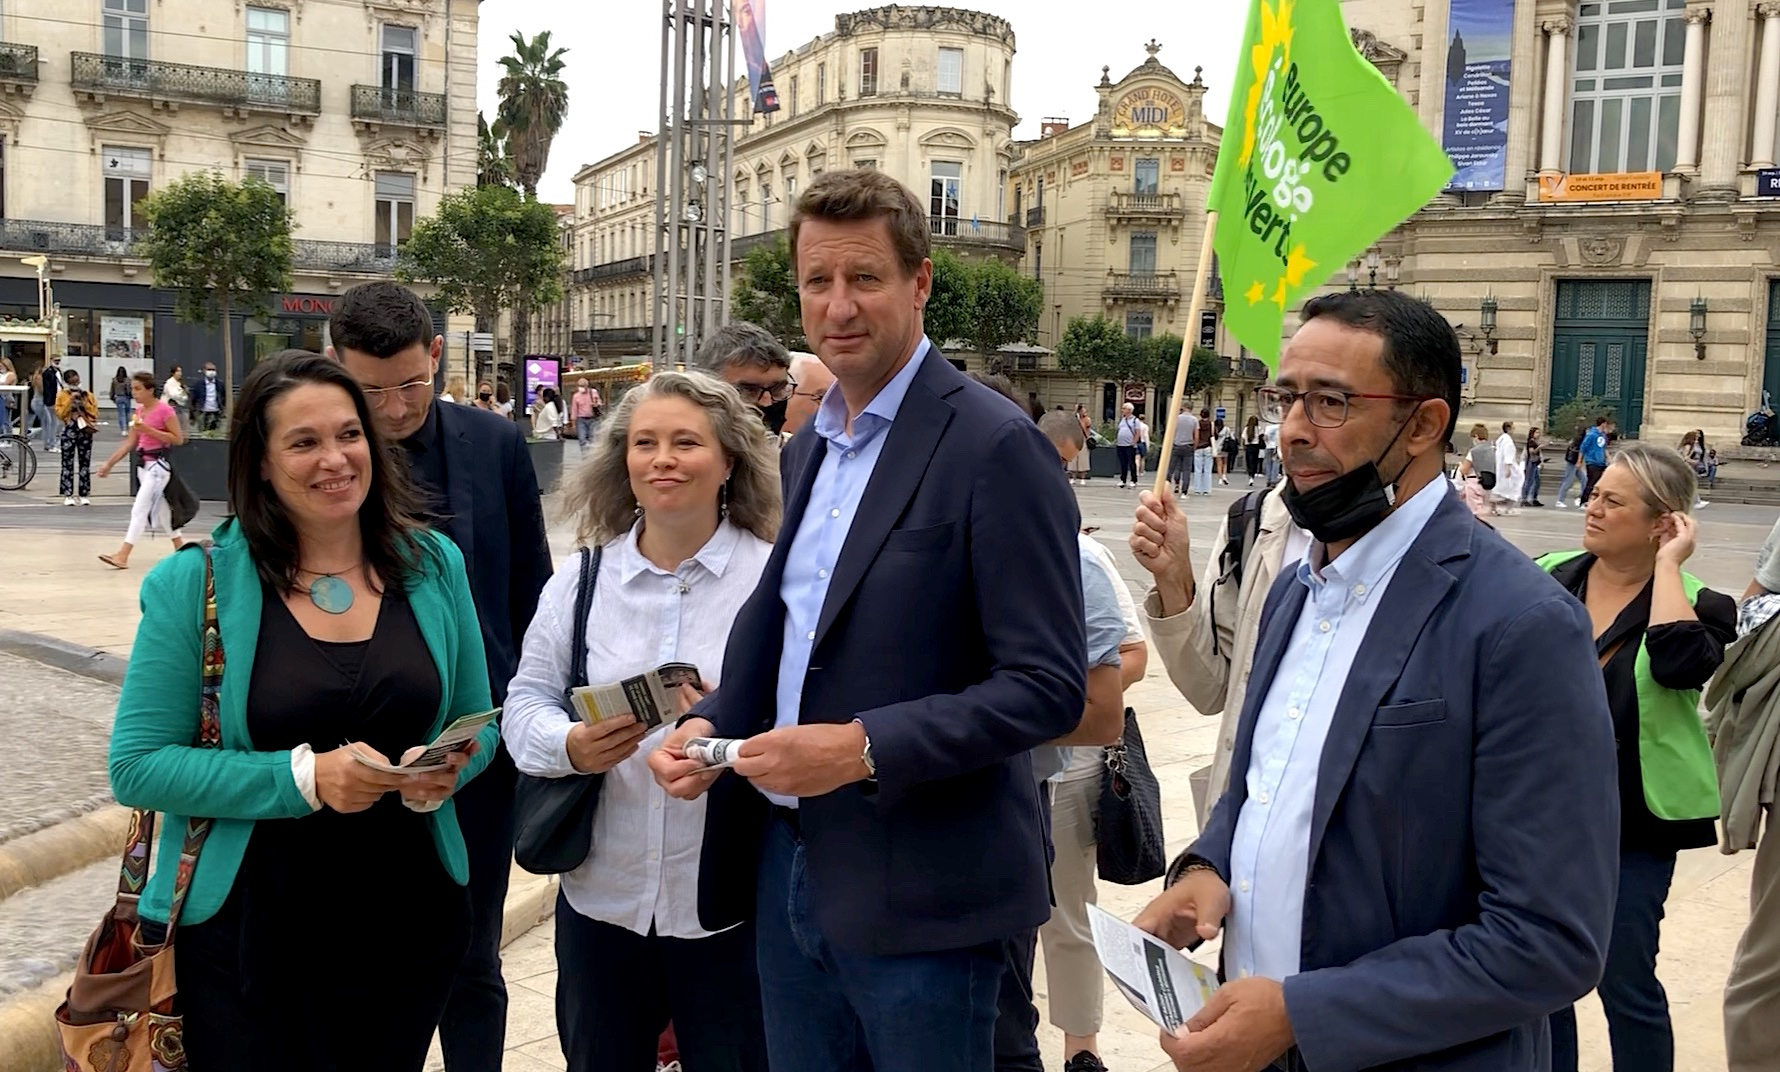 Yannick Jadot en campagne à Montpellier pour la primaire écologiste (©JPV)